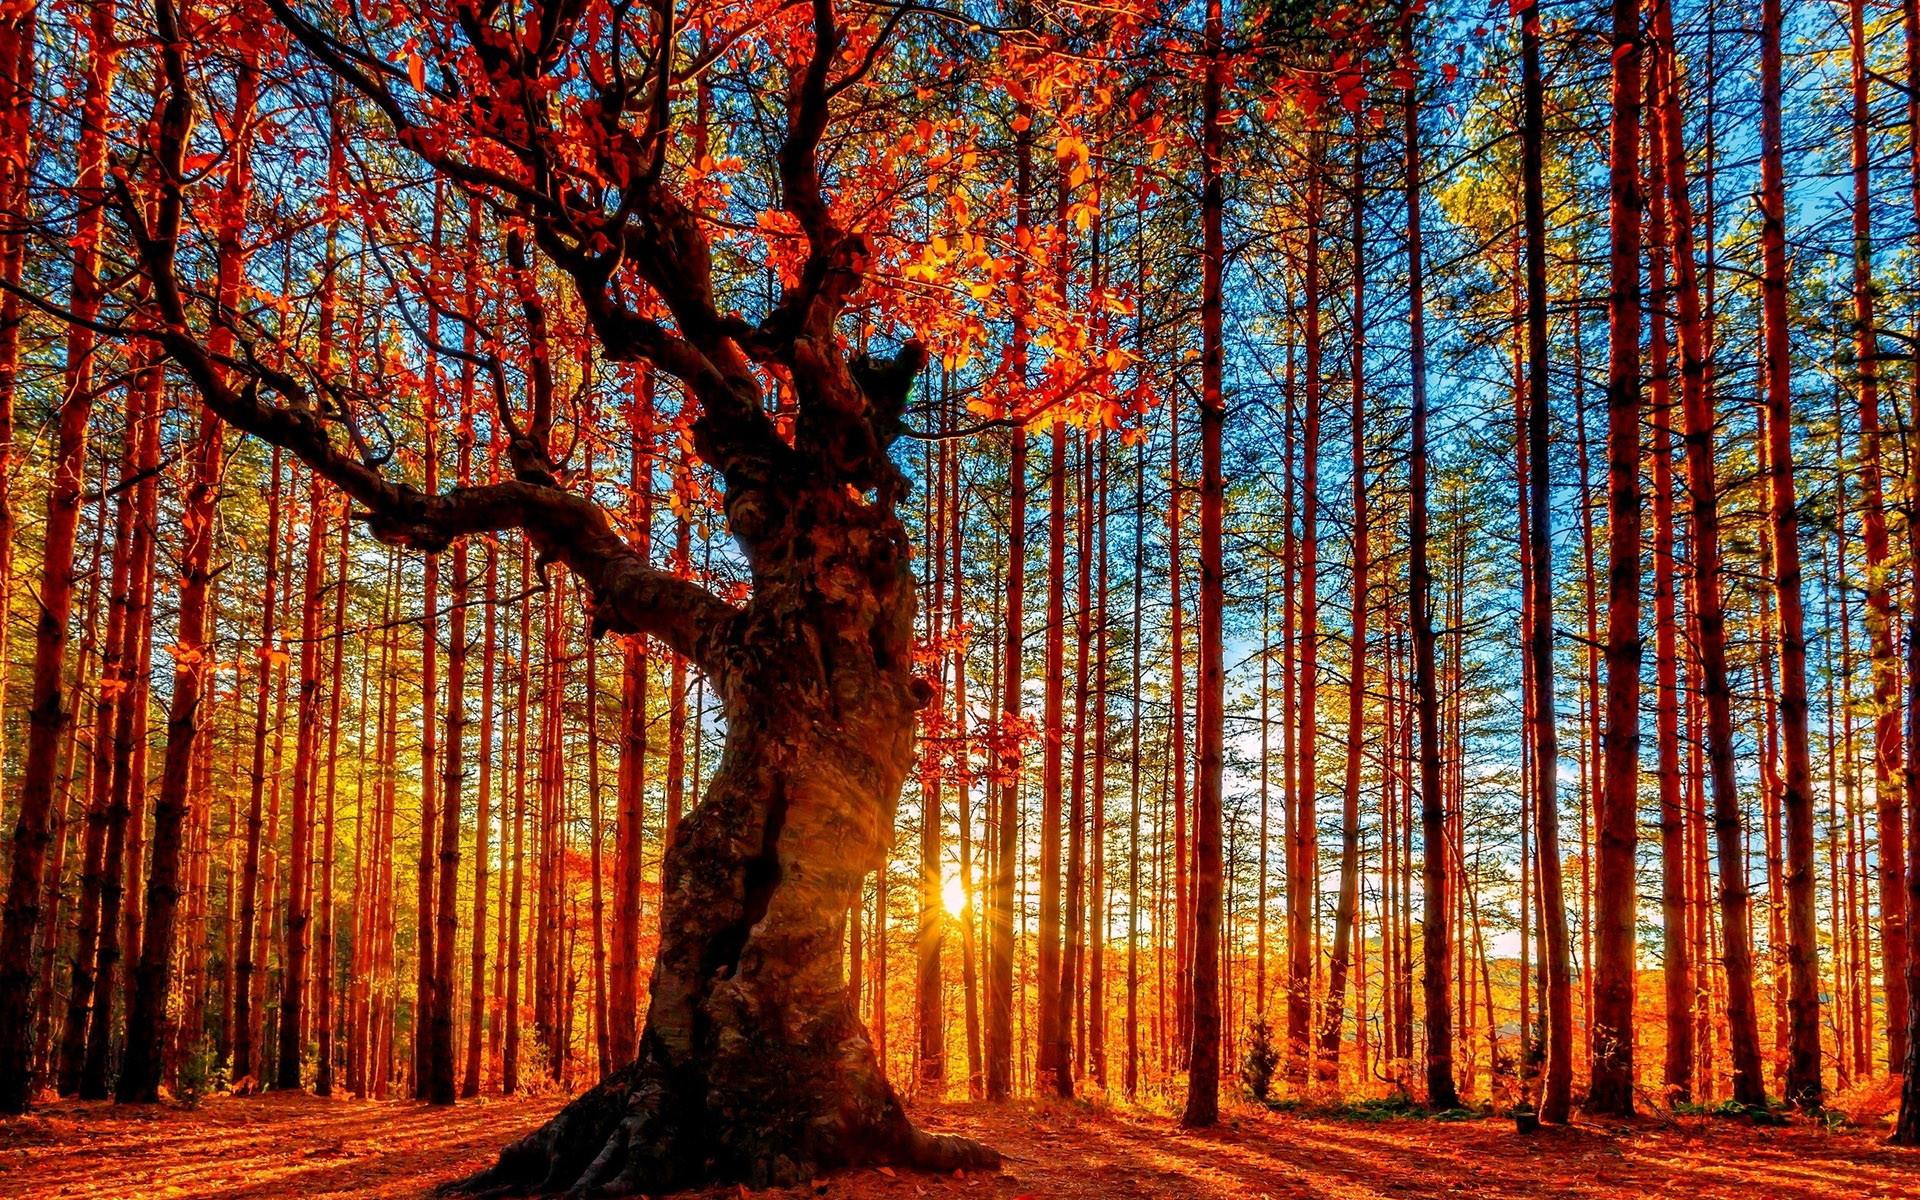 Aspen Tree Wallpaper 54 images 1920x1200